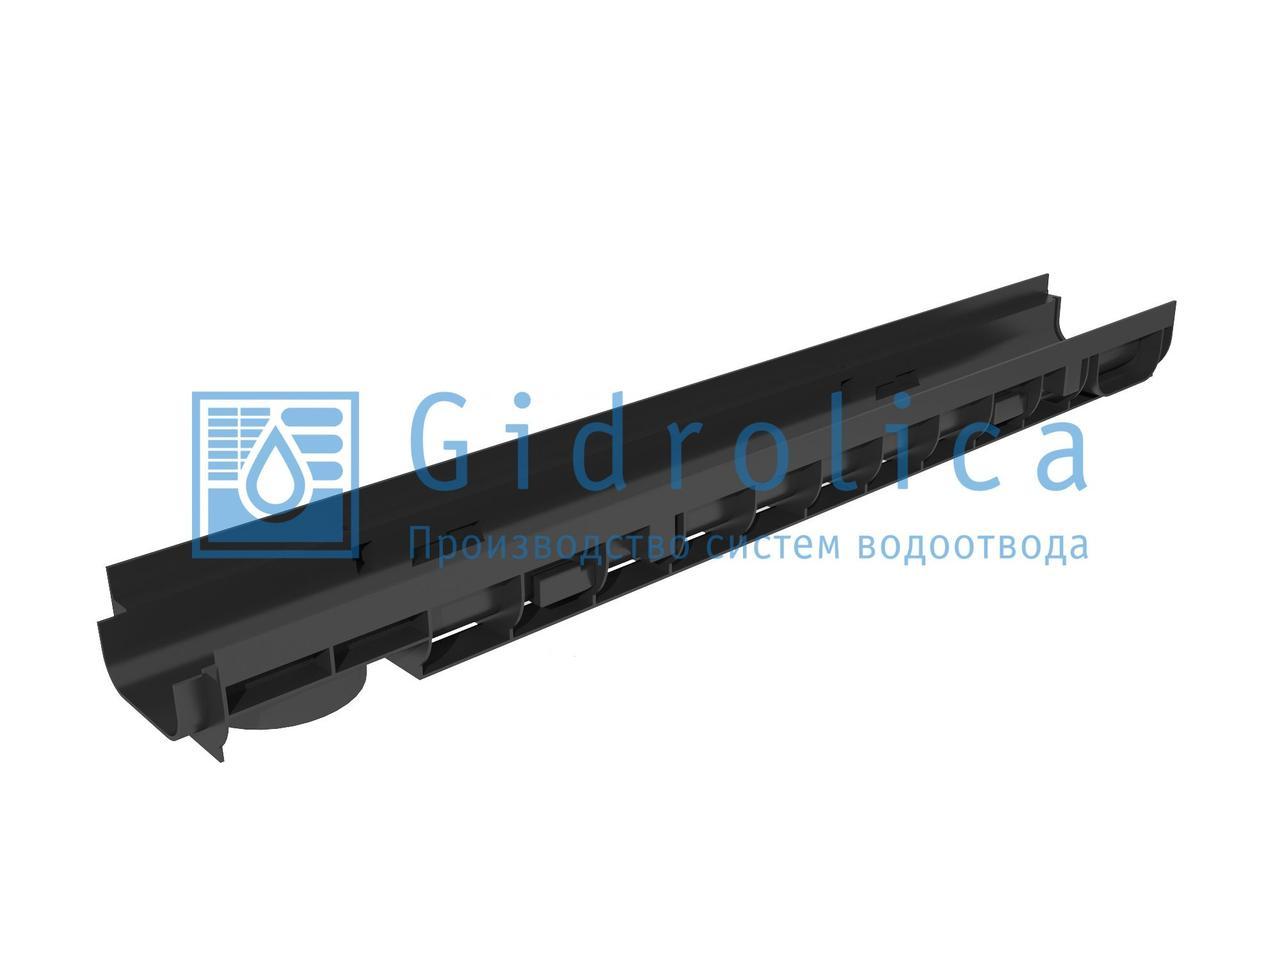 Лоток водоотводный Gidrolica Super ЛВ -10.14,5.14 - пластиковый, кл. Е600